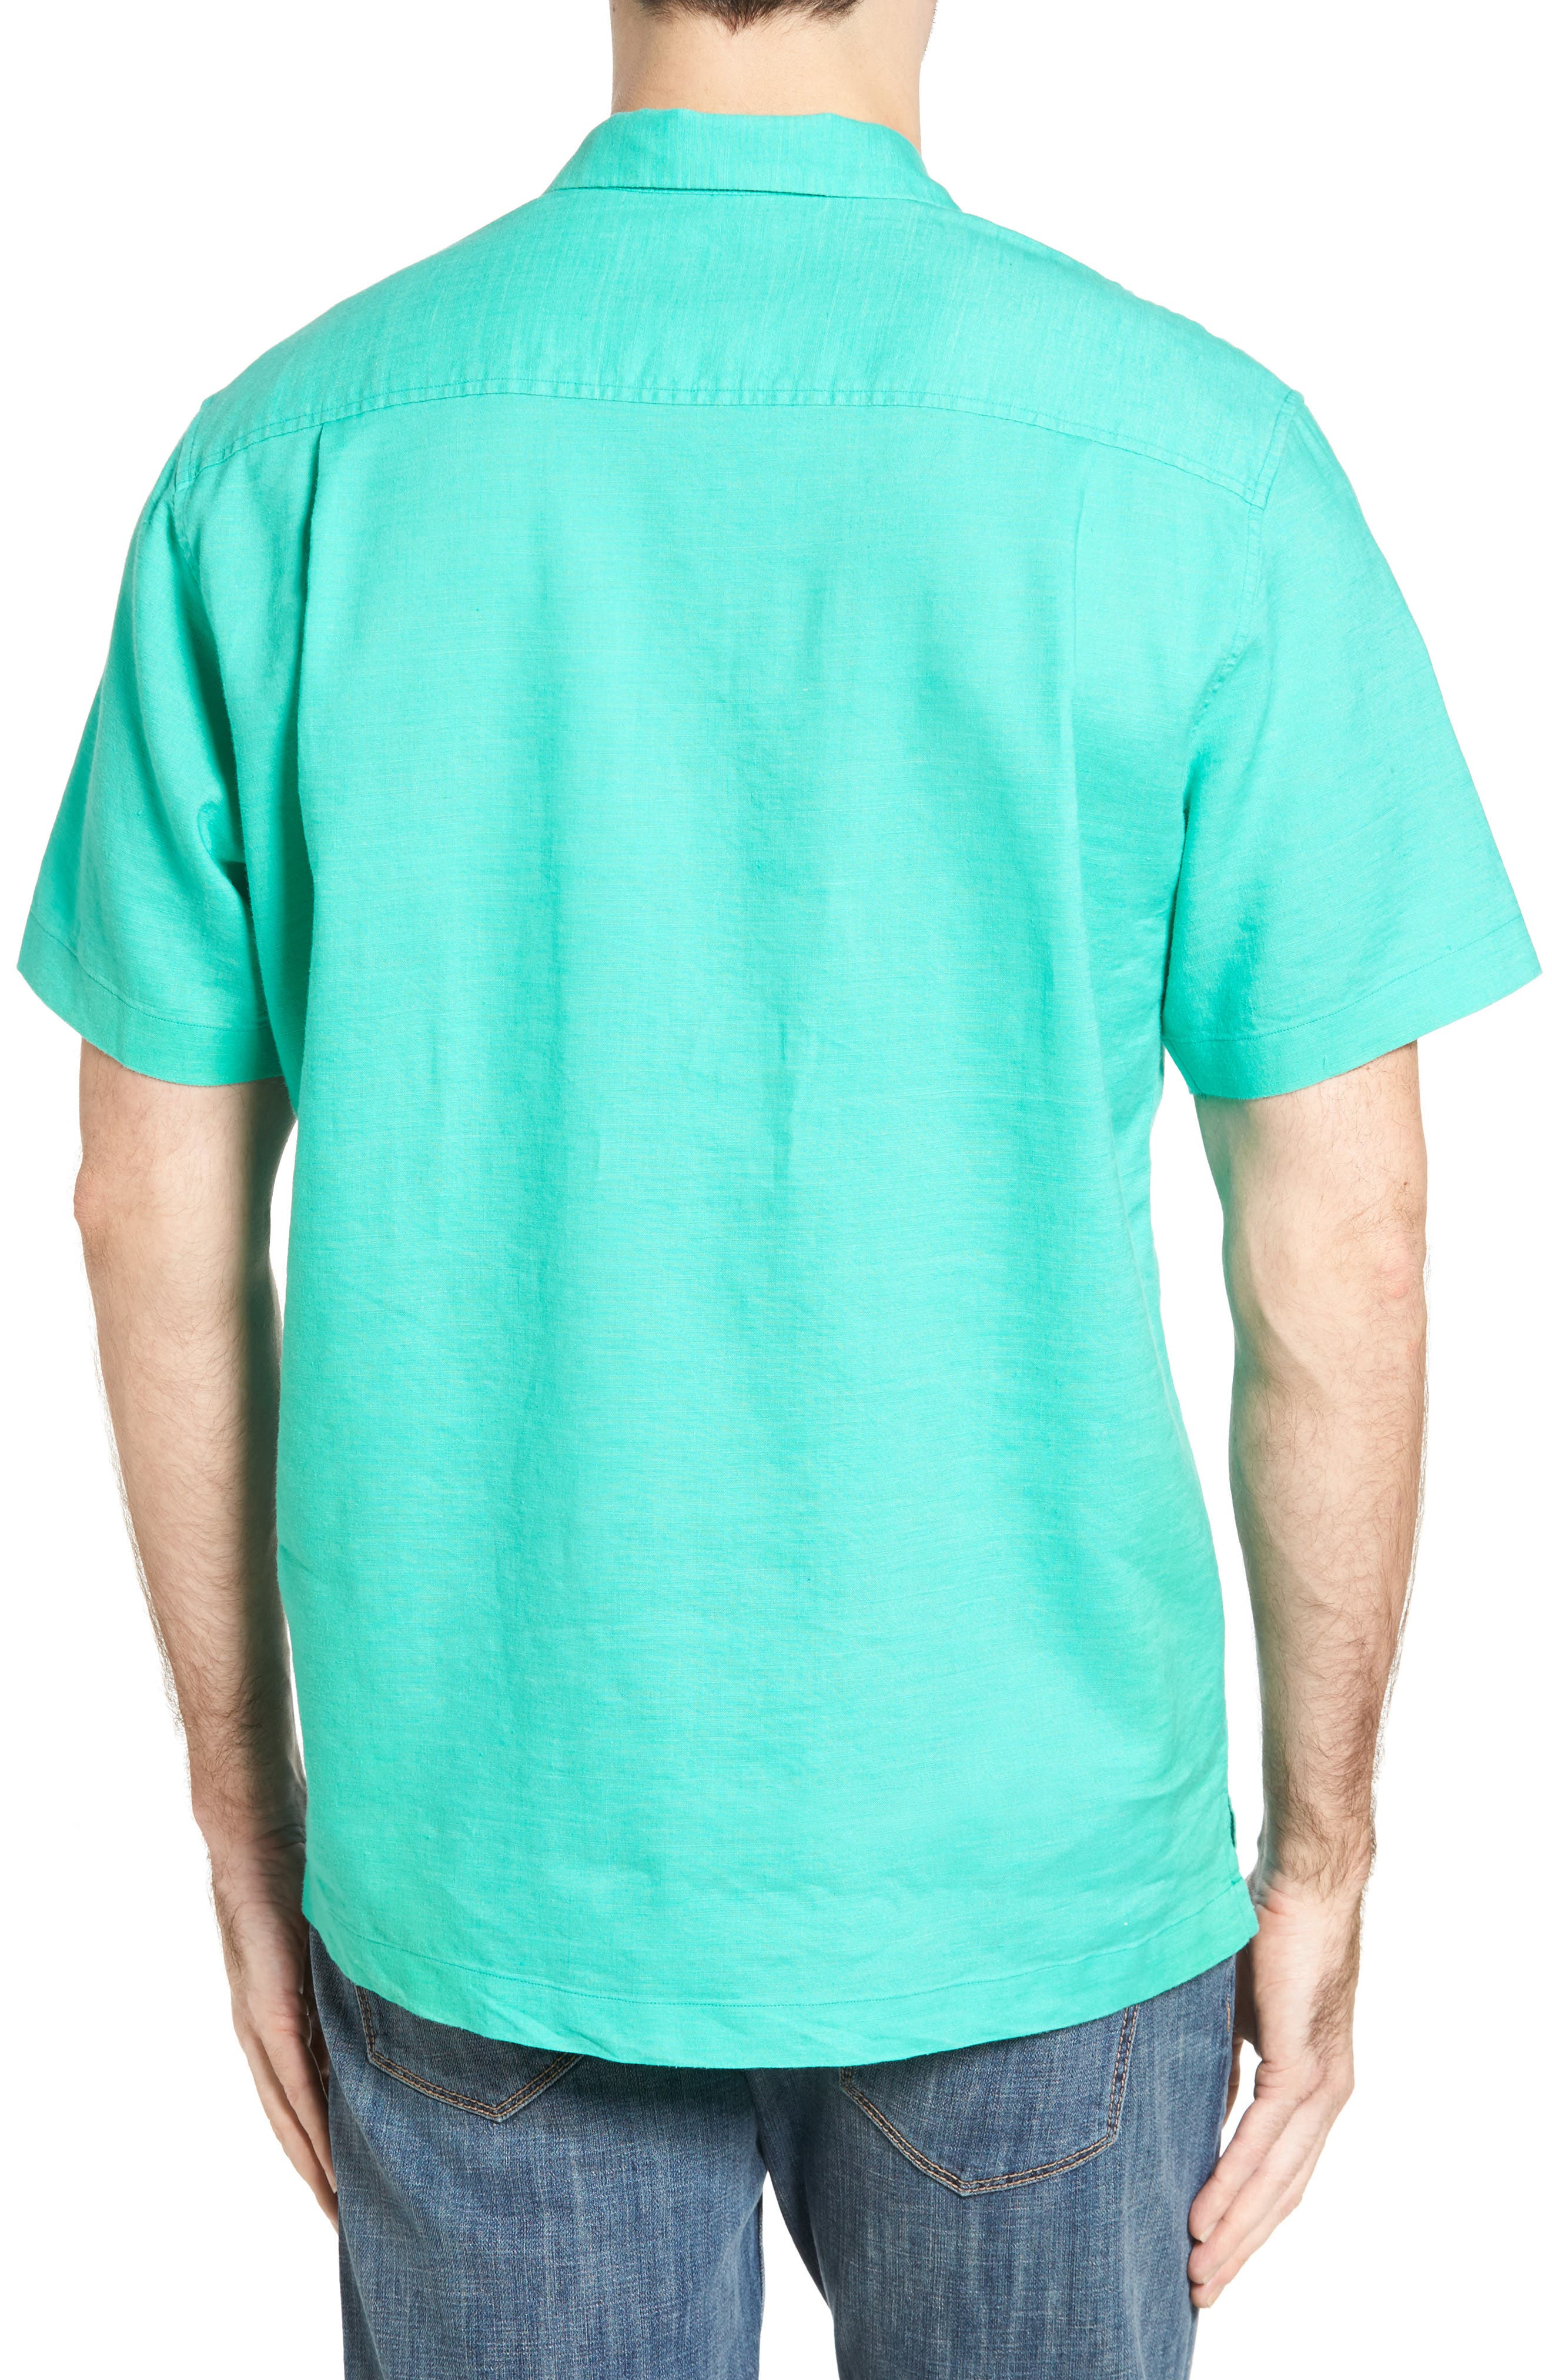 Monaco Tides Standard Fit Linen Blend Camp Shirt,                             Alternate thumbnail 9, color,